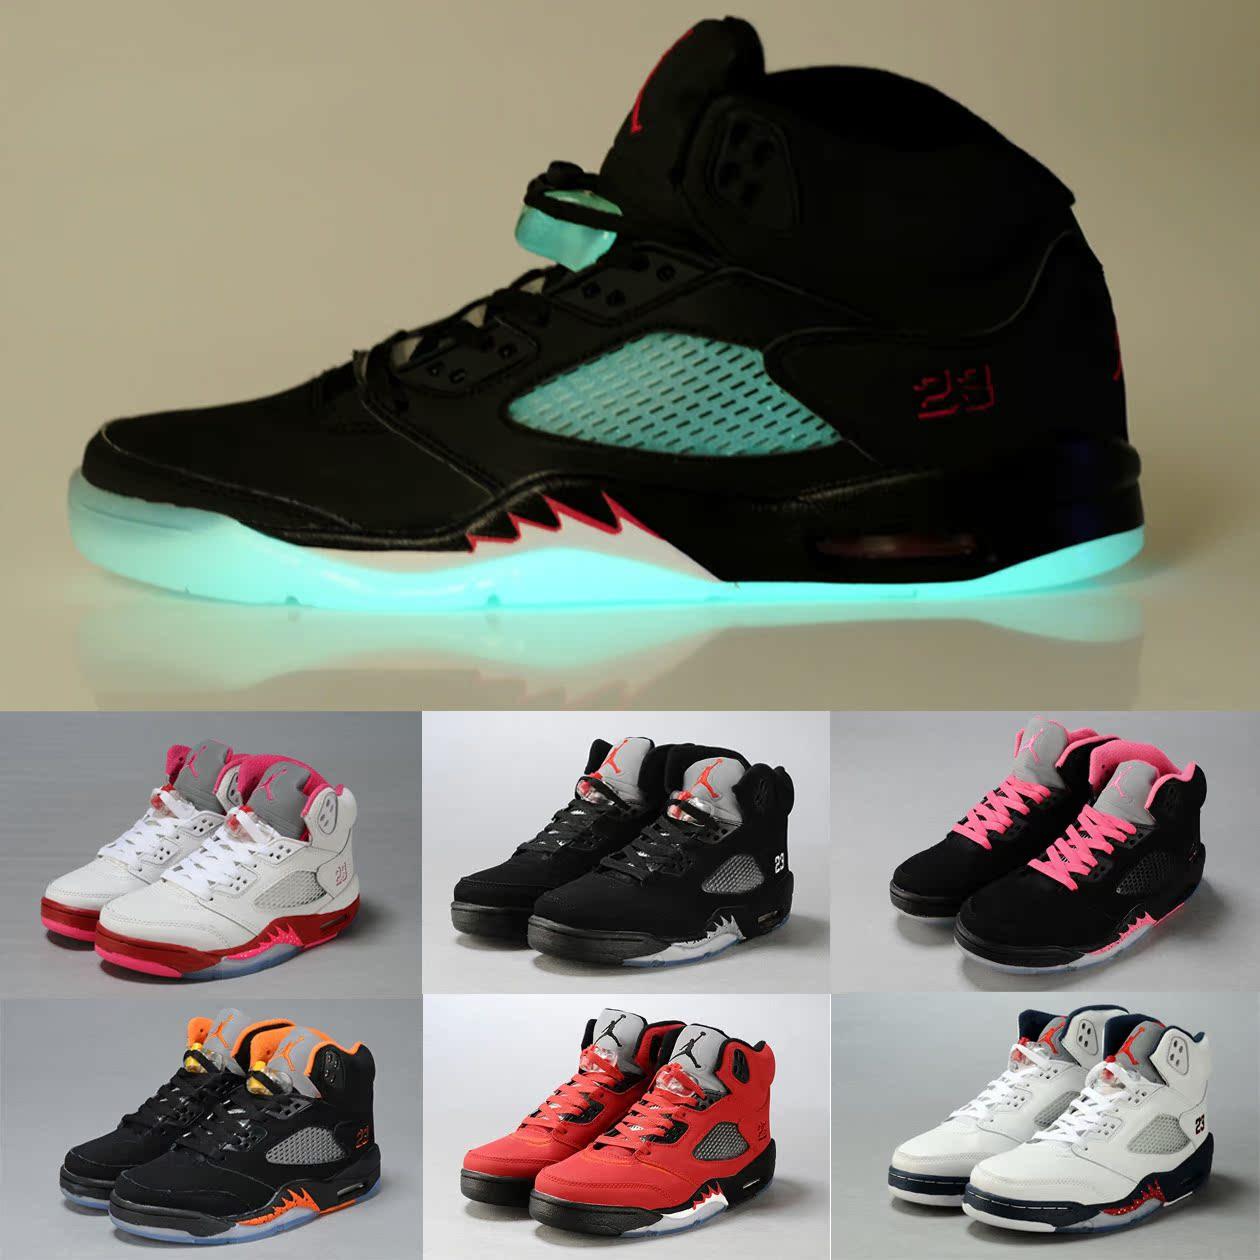 正品乔丹5代篮球鞋女鞋aj5 飞人男鞋jordan5运动鞋南海岸3代4夜光